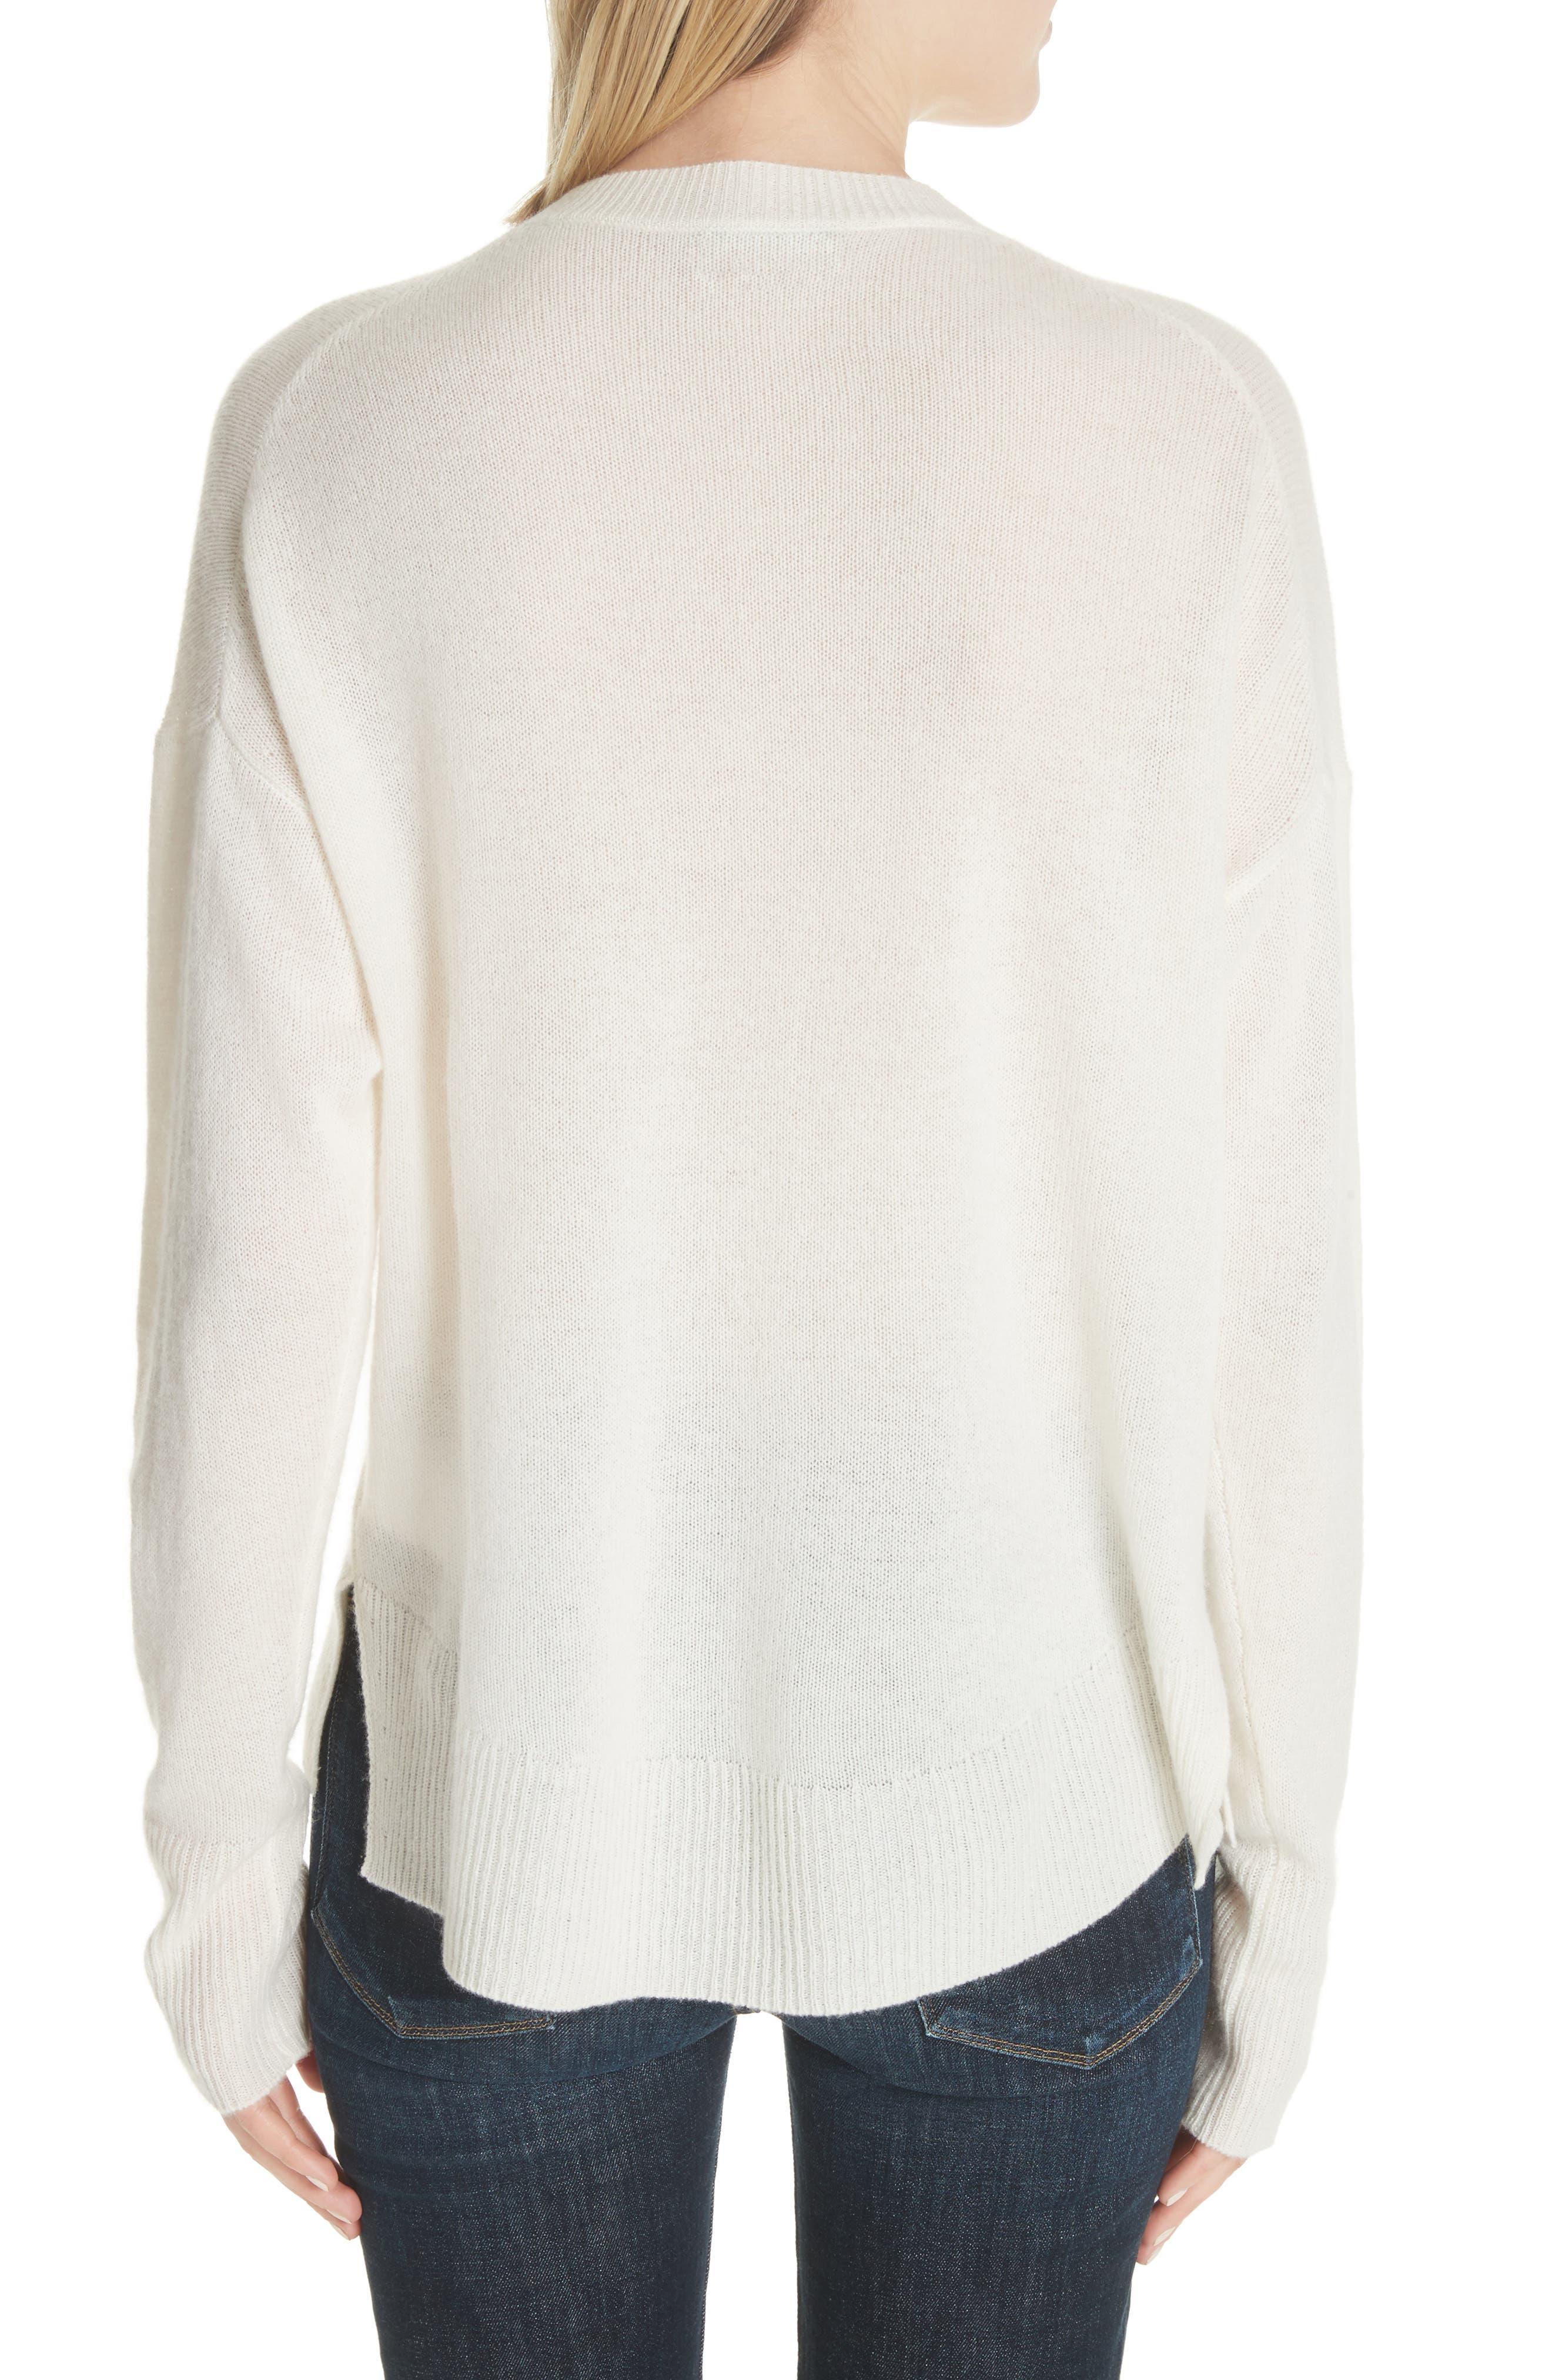 Karenia L Cashmere Sweater,                             Alternate thumbnail 7, color,